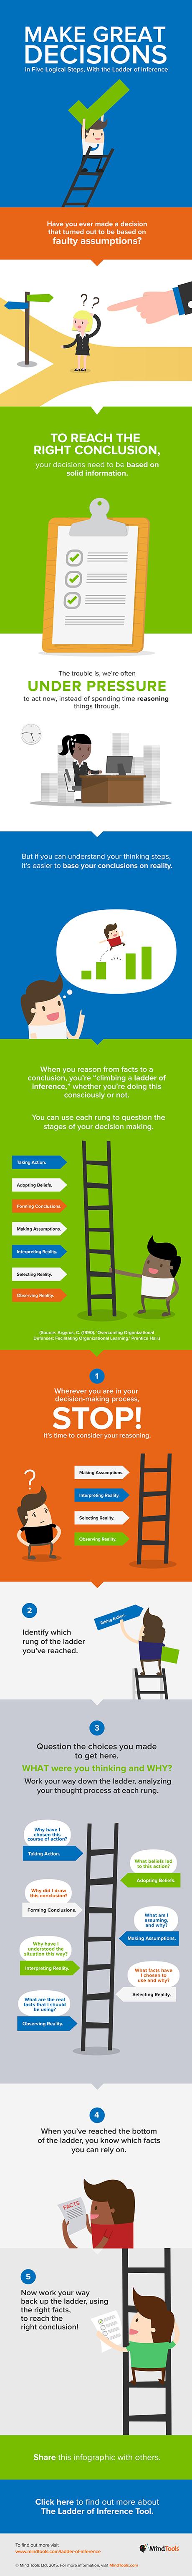 Escalera de la inferencia infográfico